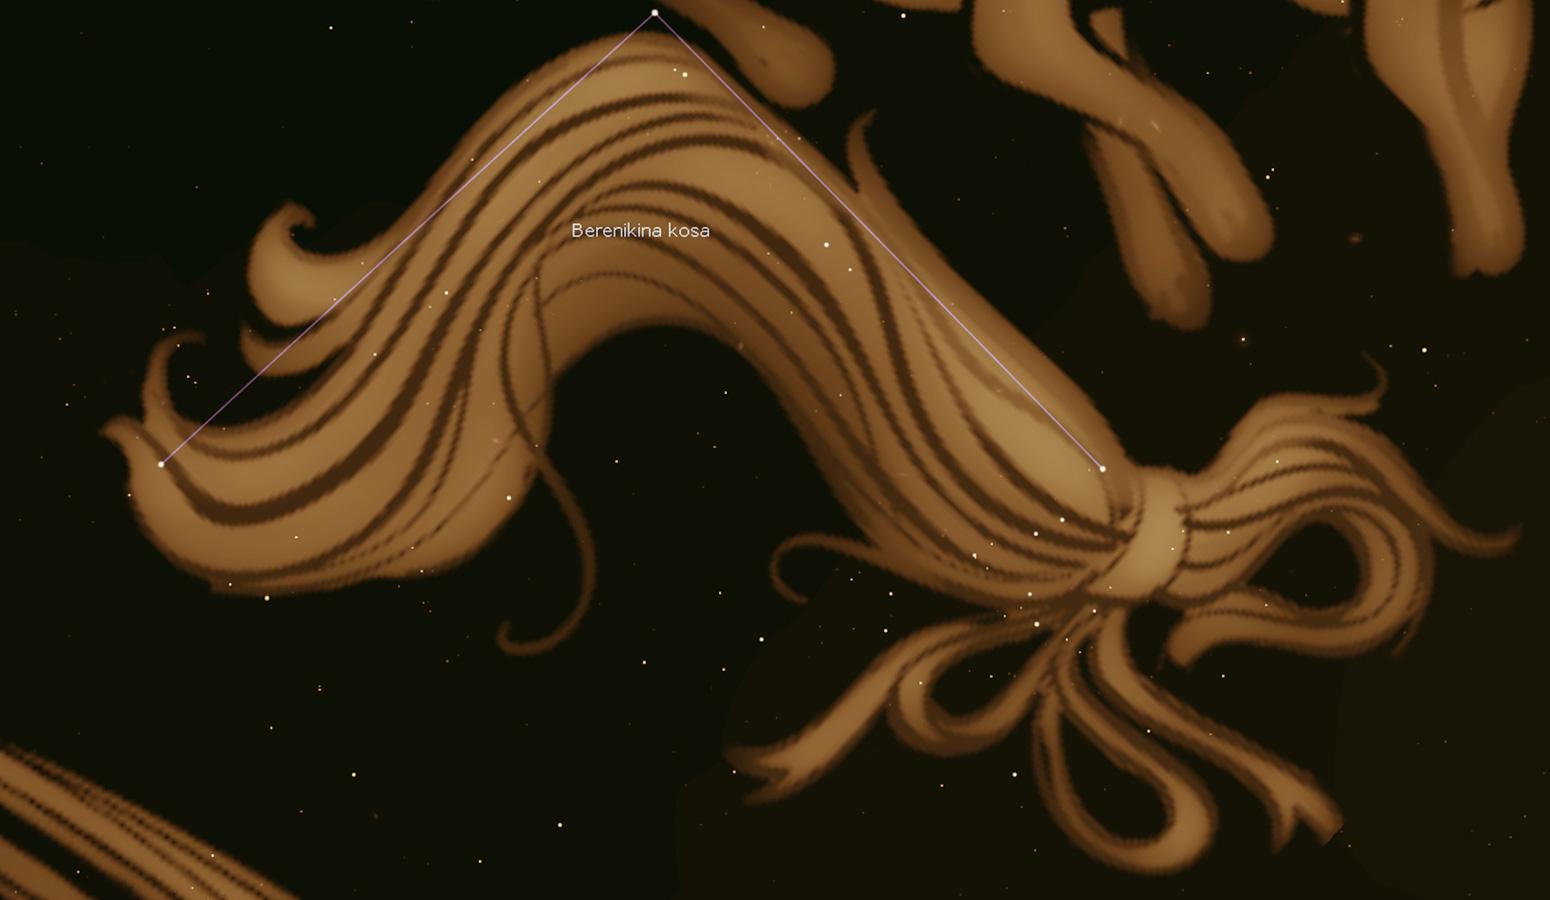 Zvjezdane vedute – Berenikina kosa (Coma Berenices)